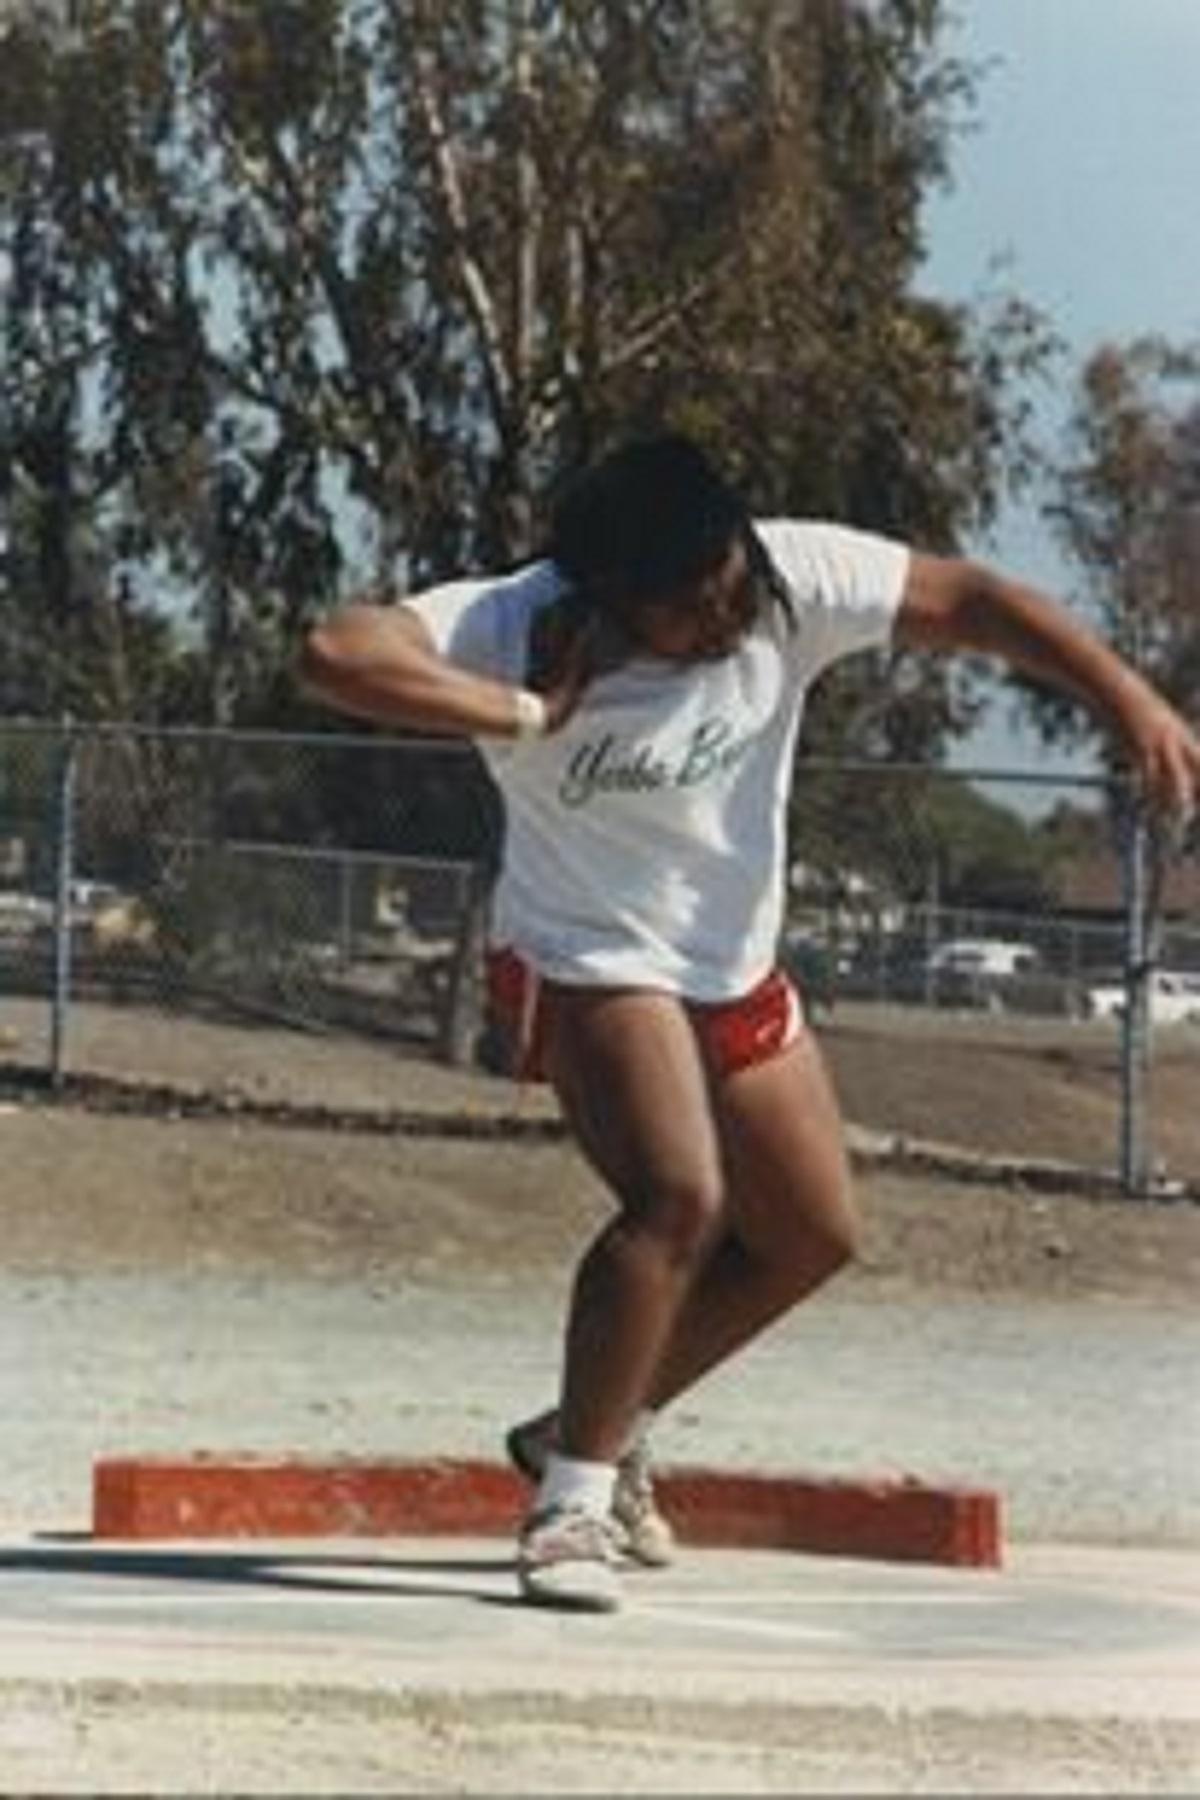 Bruce Ventura athlete